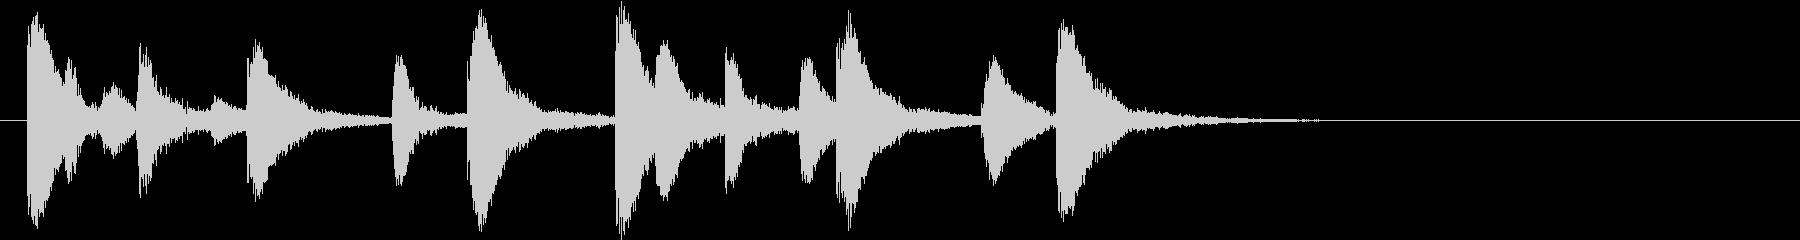 インドの桶太鼓ドールのフレーズ音+FXの未再生の波形